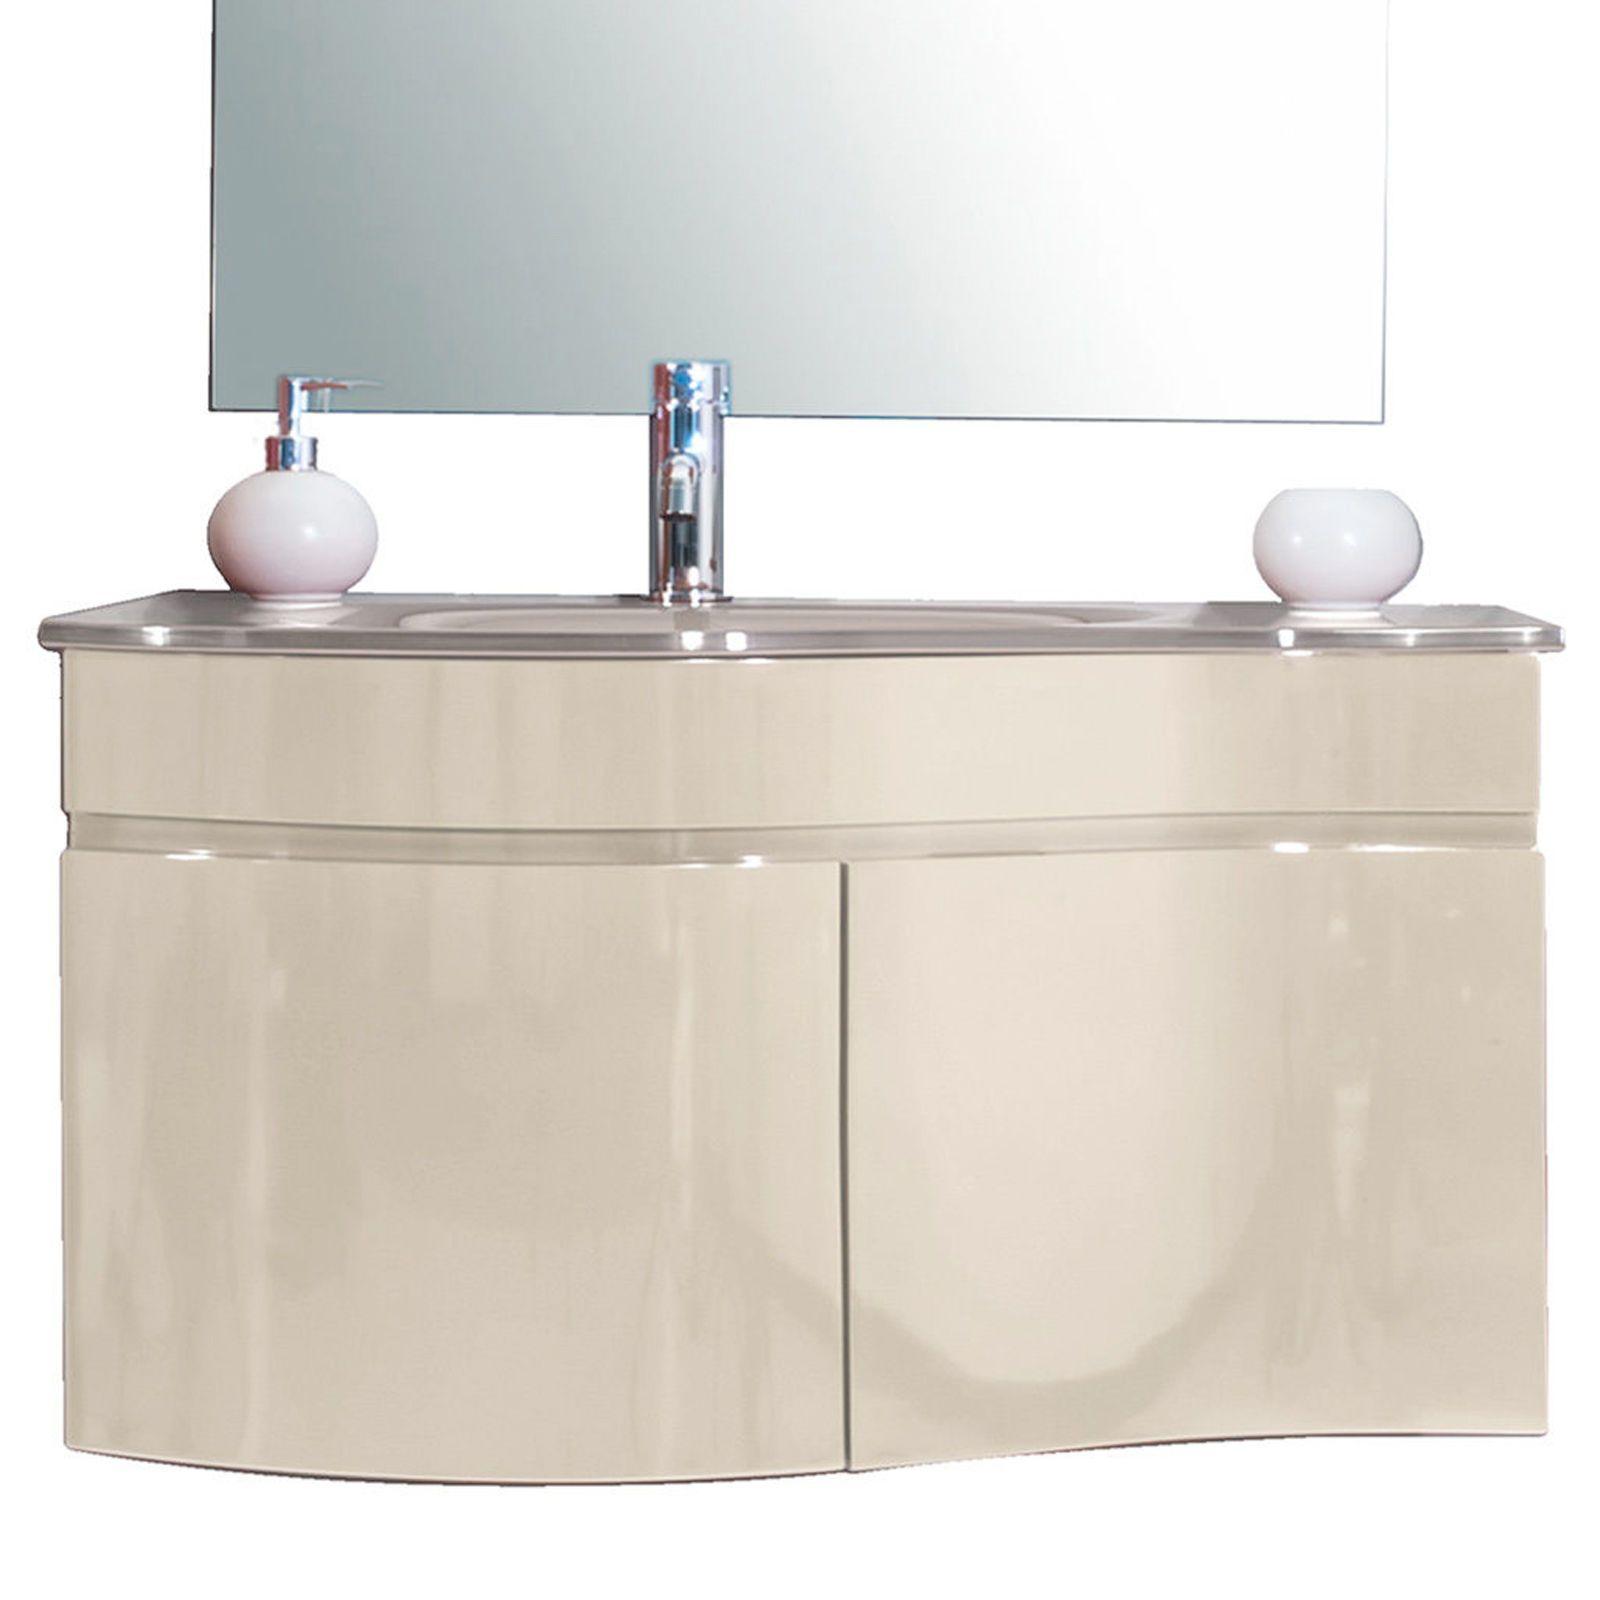 arredo bagno asia, completo di lavabo in cristallo bz - Prezzi Arredo Bagno Completo